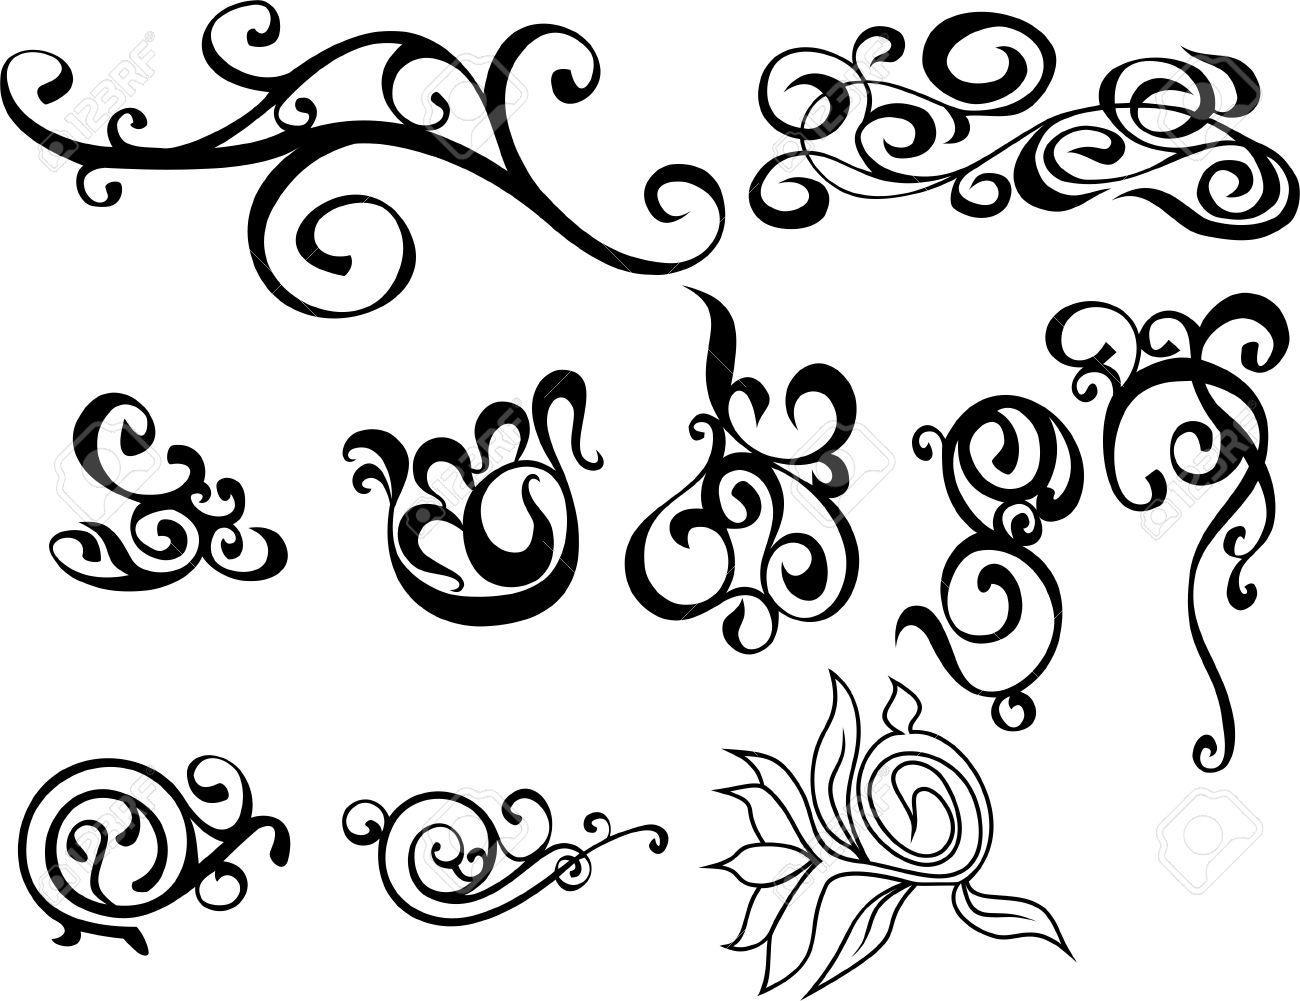 Black and white ornaments - Original Black And White Decorative Ornaments